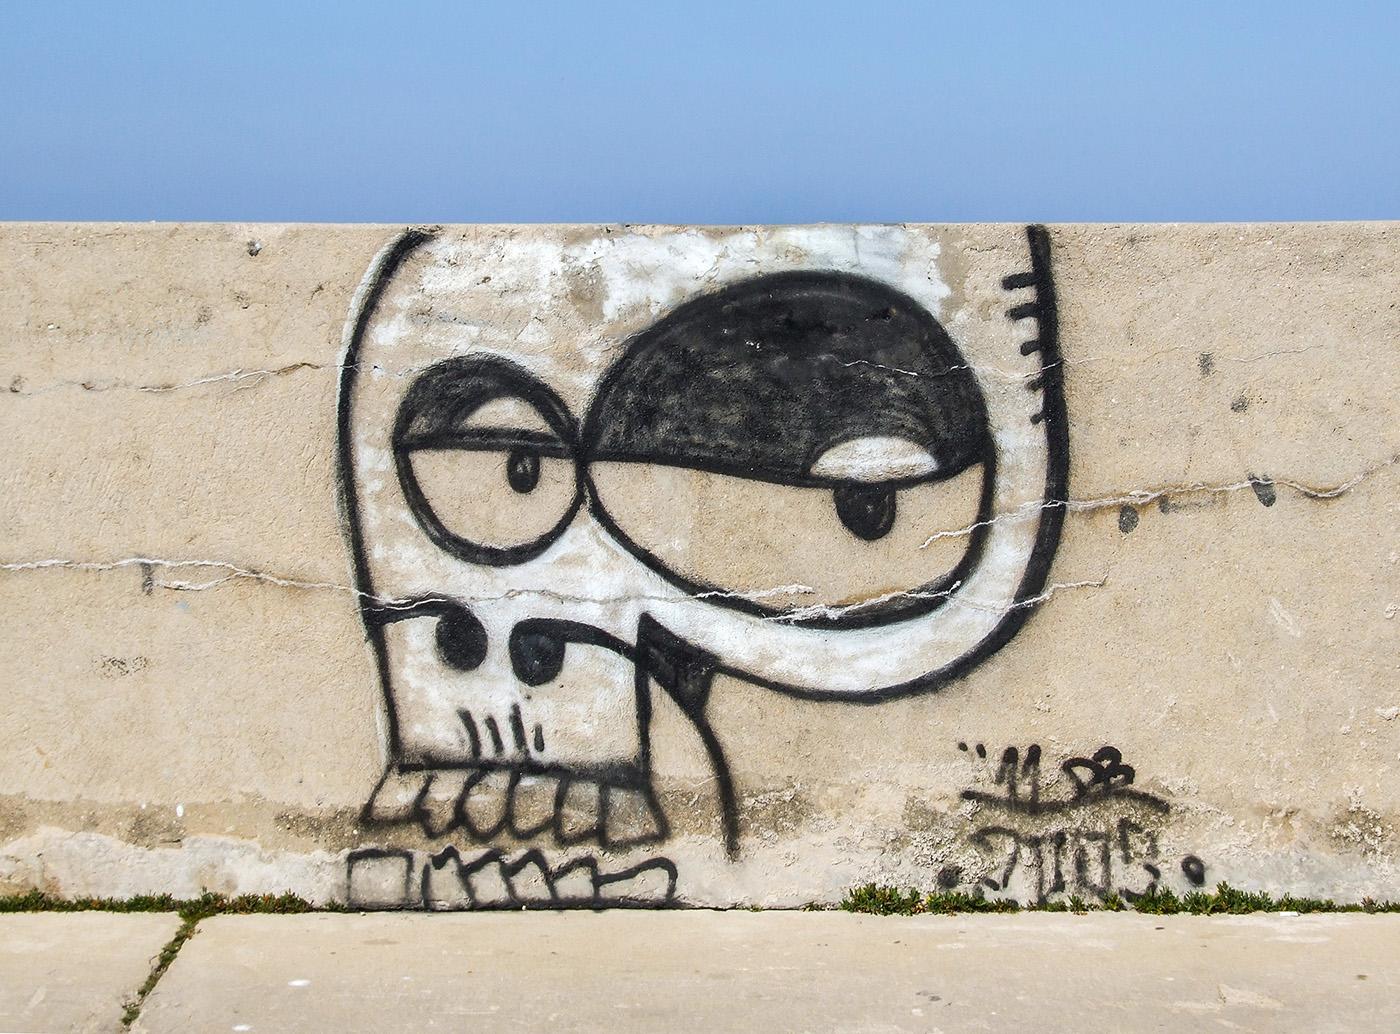 Tags graffiti skull